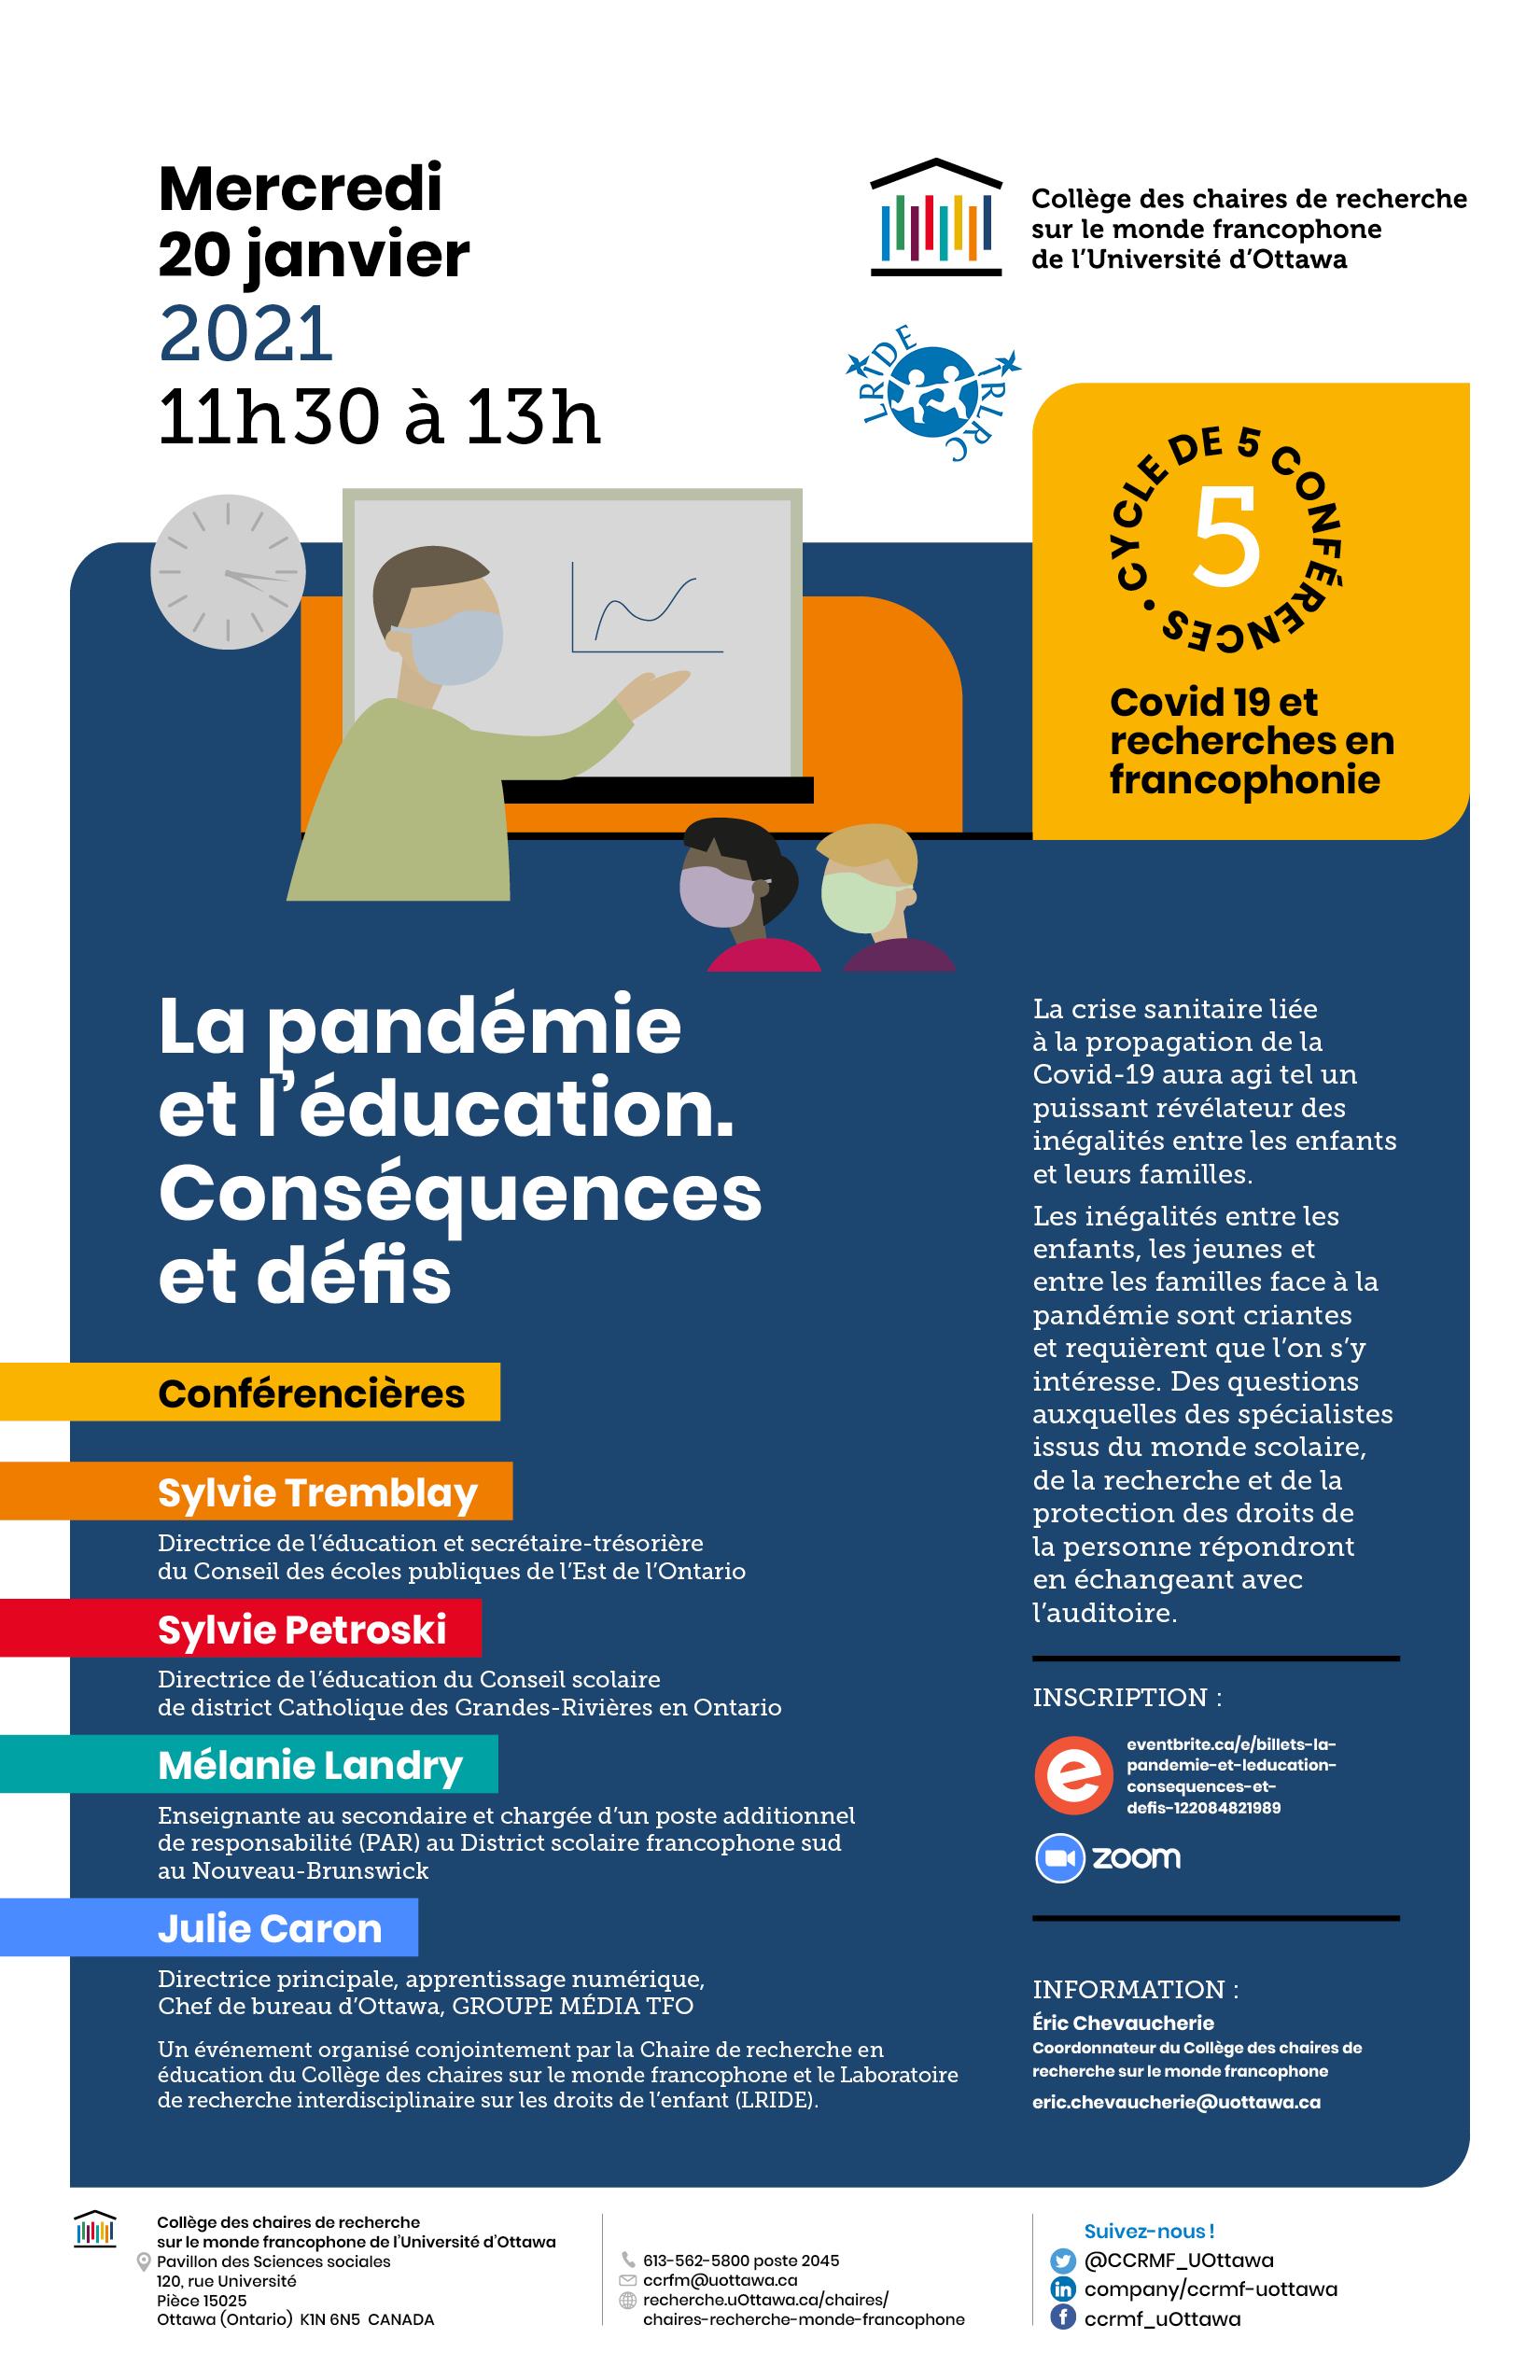 La pandémie et l'éducation. Conséquences et défis